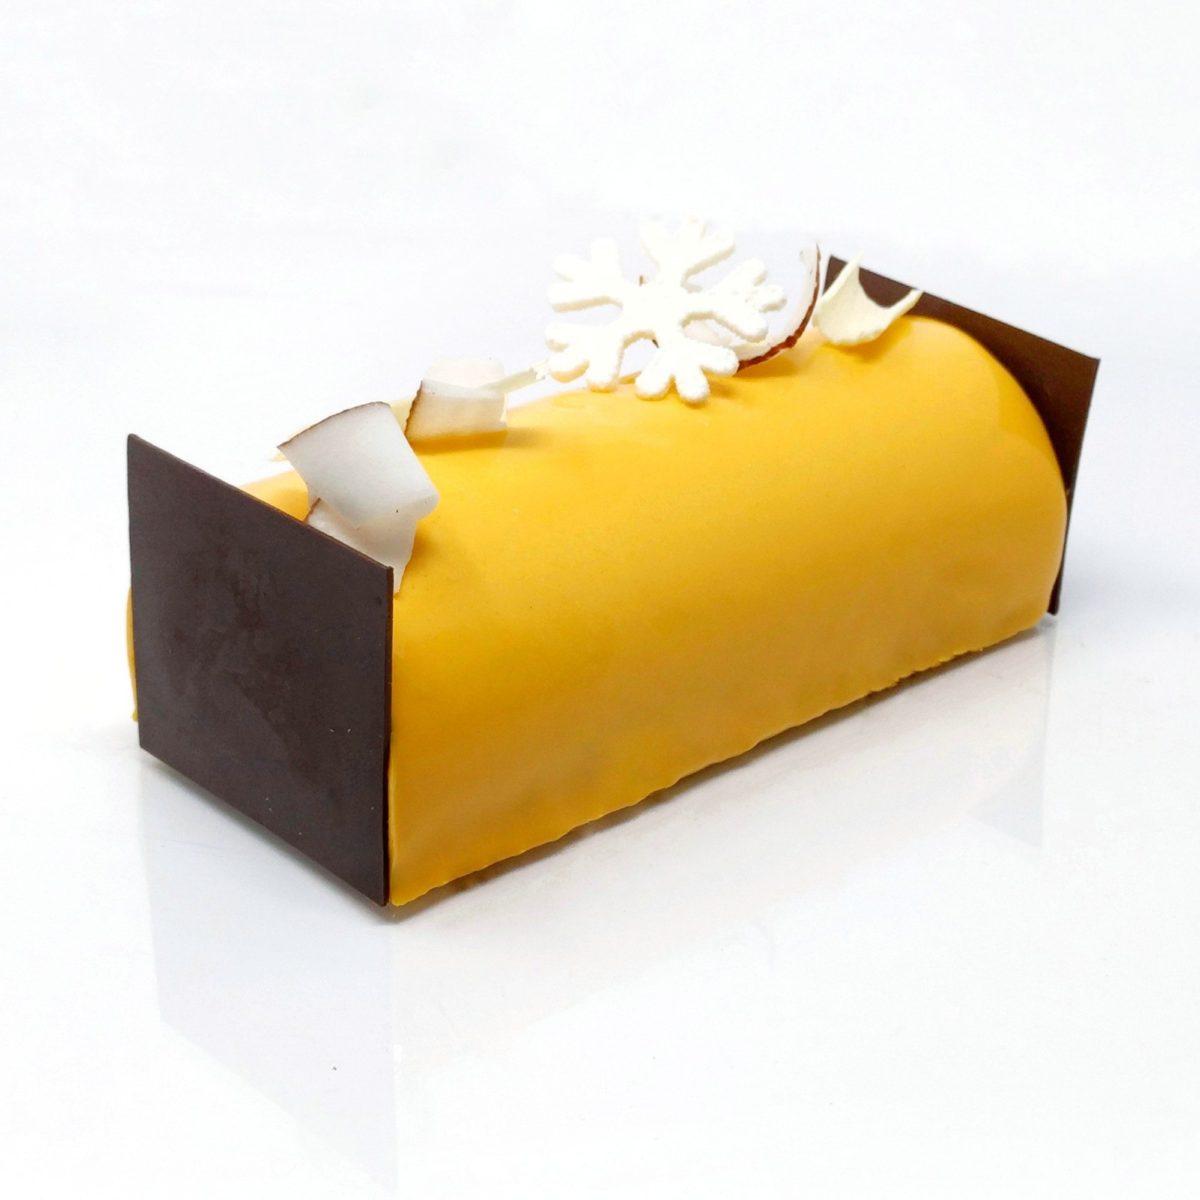 Bûche de noël fruits exotiques avec un insert crémeux à la vanille